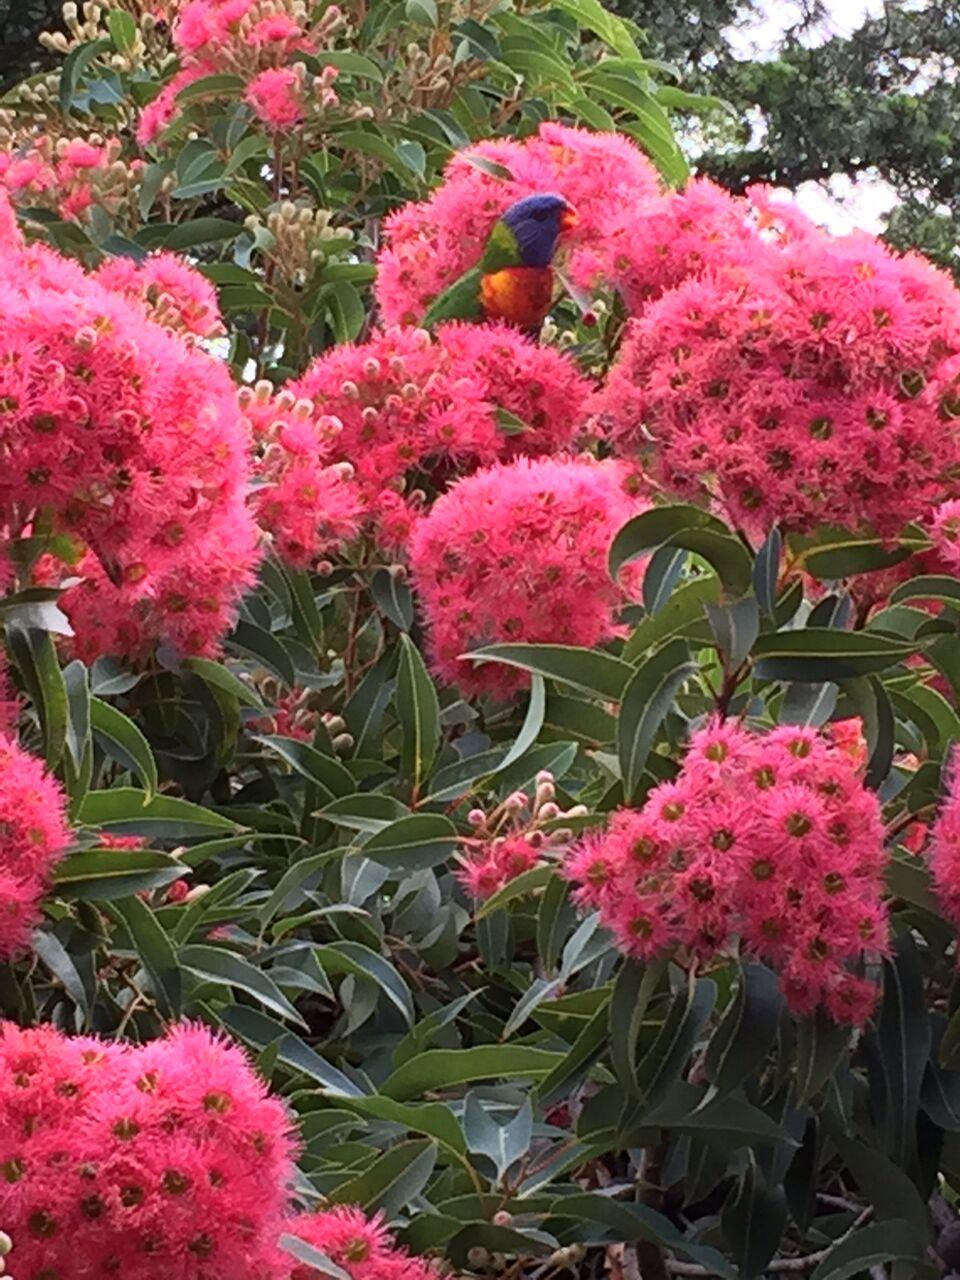 Corymbia Ficifolia 'Summer Beauty' Tipsy Hill